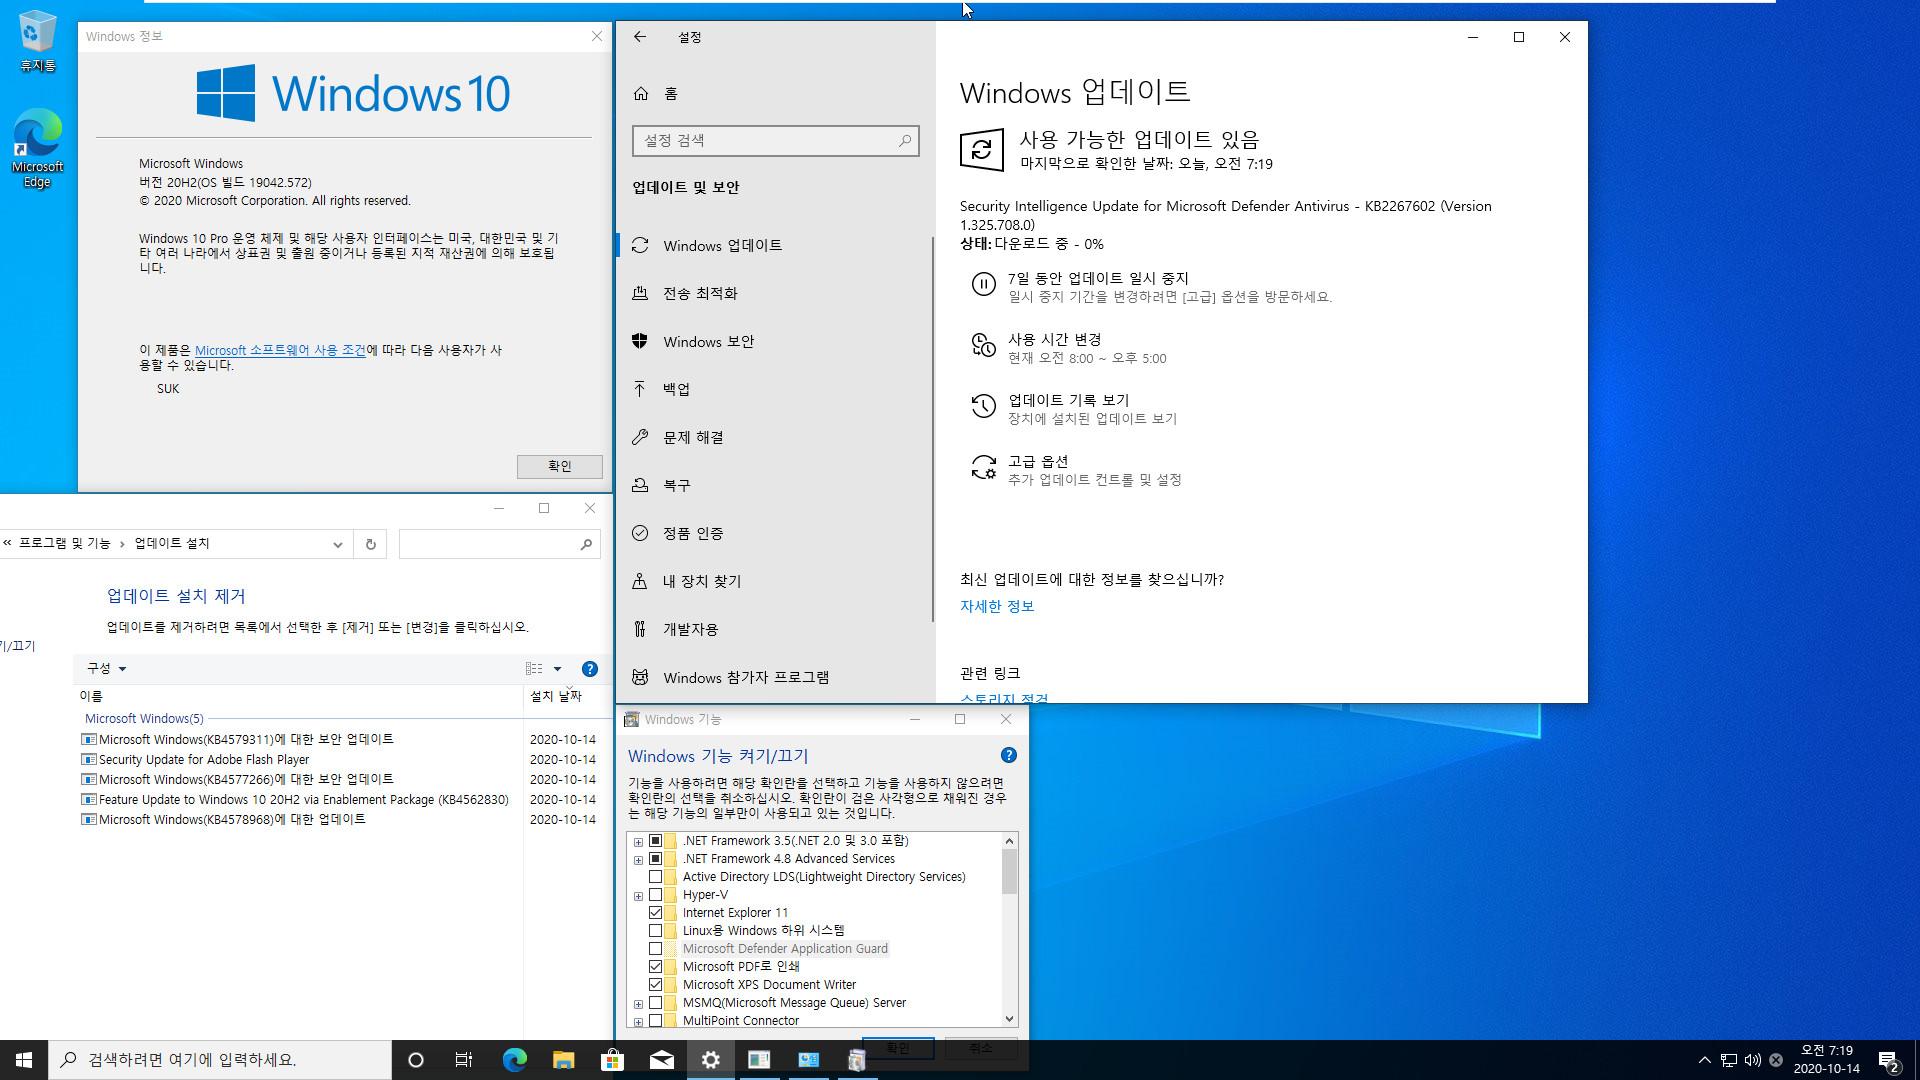 2020-10-14 수요일 정기 업데이트 통합 PRO x64 2개 - Windows 10 버전 2004 + 버전 20H2 누적 업데이트 KB4579311 (OS 빌드 19041.572 + 19042.572) - 설치 테스트 2020-10-14_071920.jpg